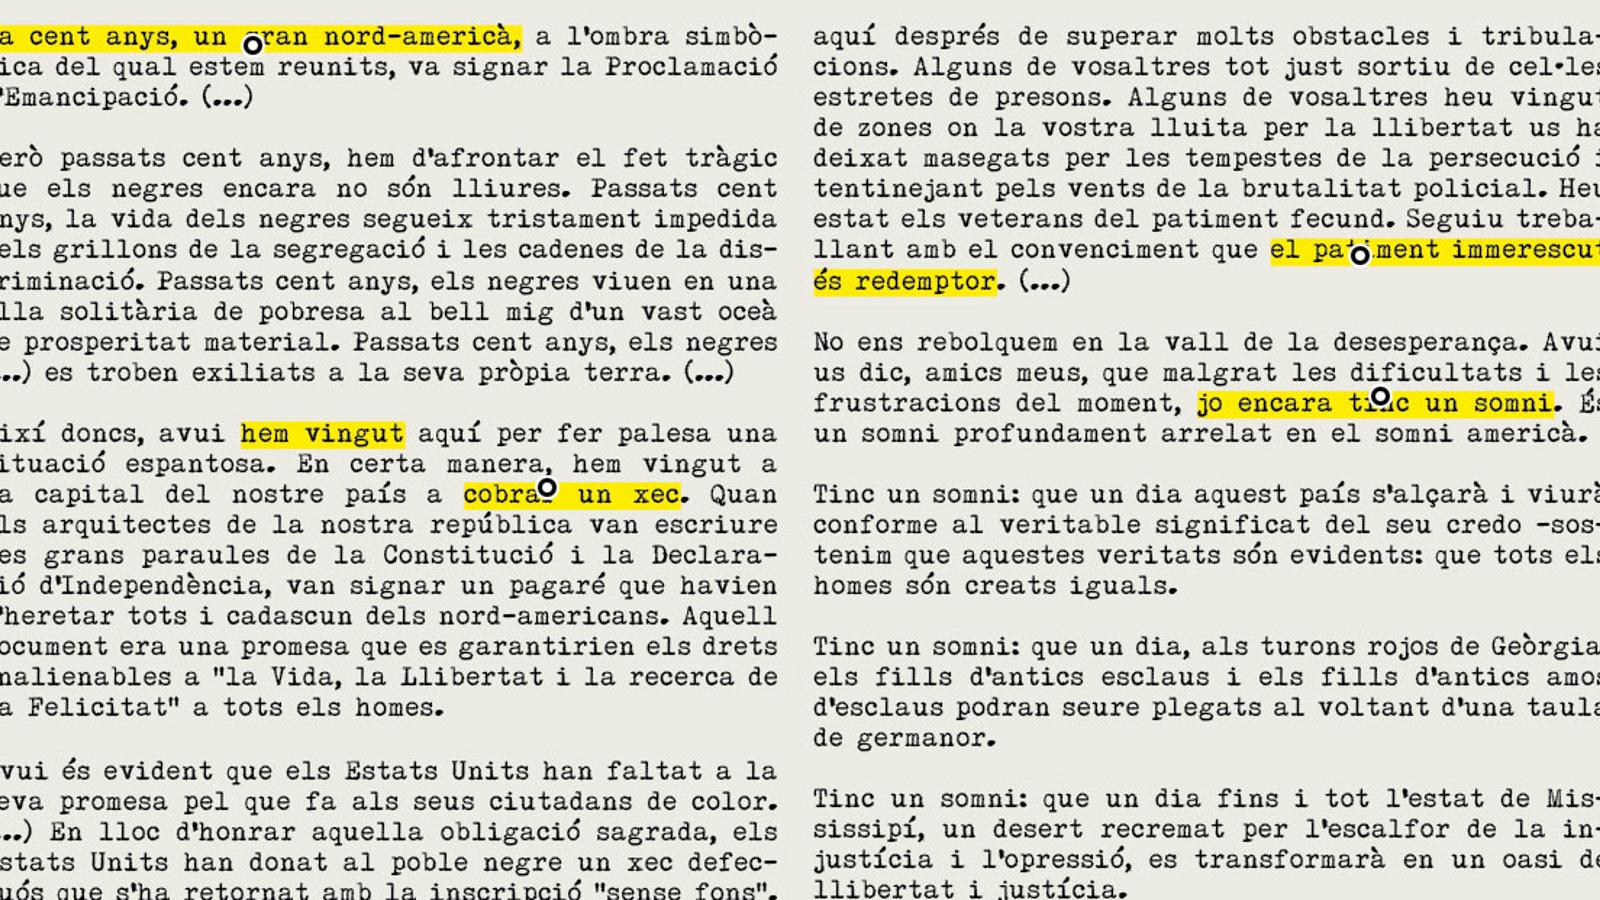 Llegiu el discurs més cèlebre de Luther King 'I have a dream', en català i amb comentaris